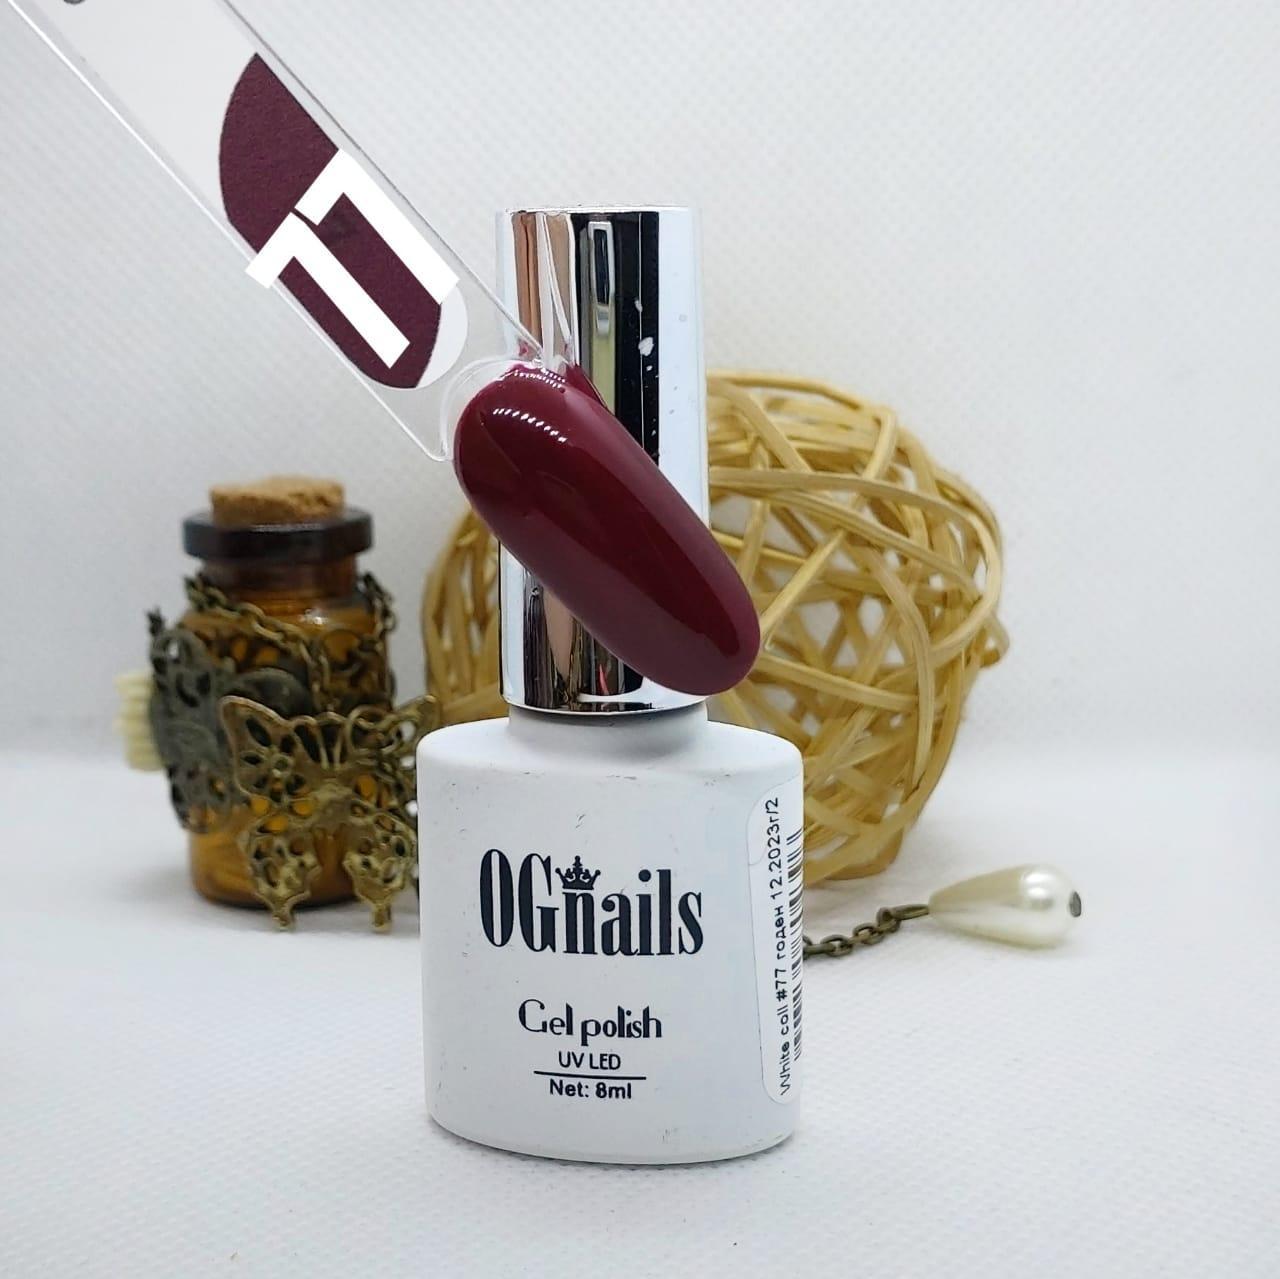 Гель лак White coll № 077, 8мл, OGnails